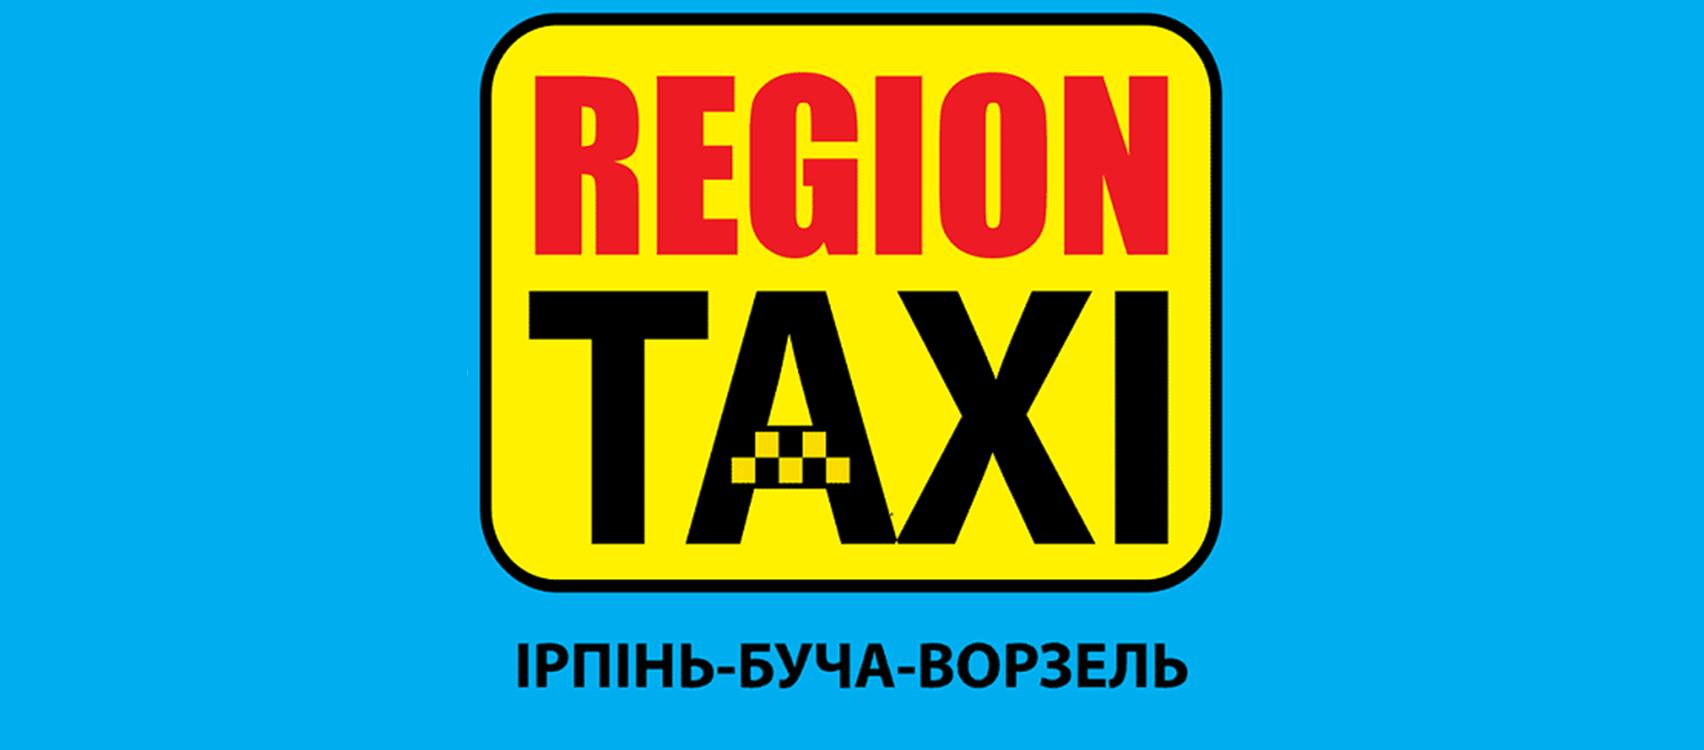 REGION TAXI (Киев и область)